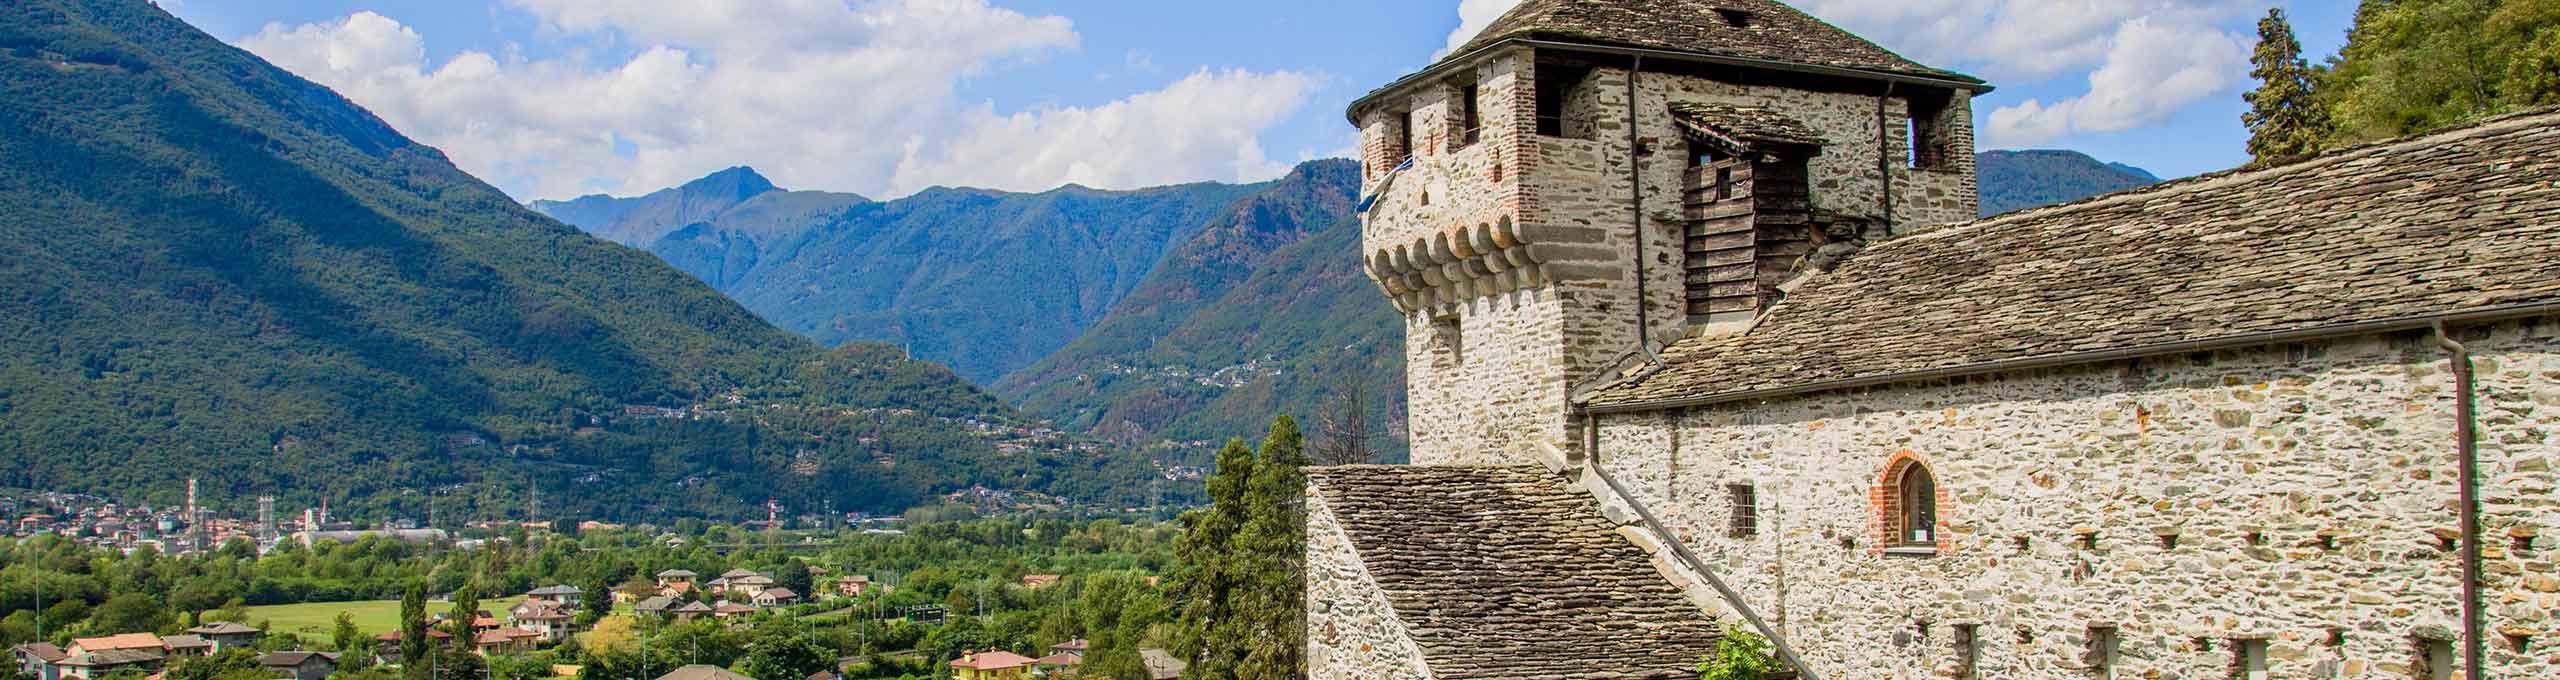 Vogogna, Val D'Ossola, Castello Visconteo